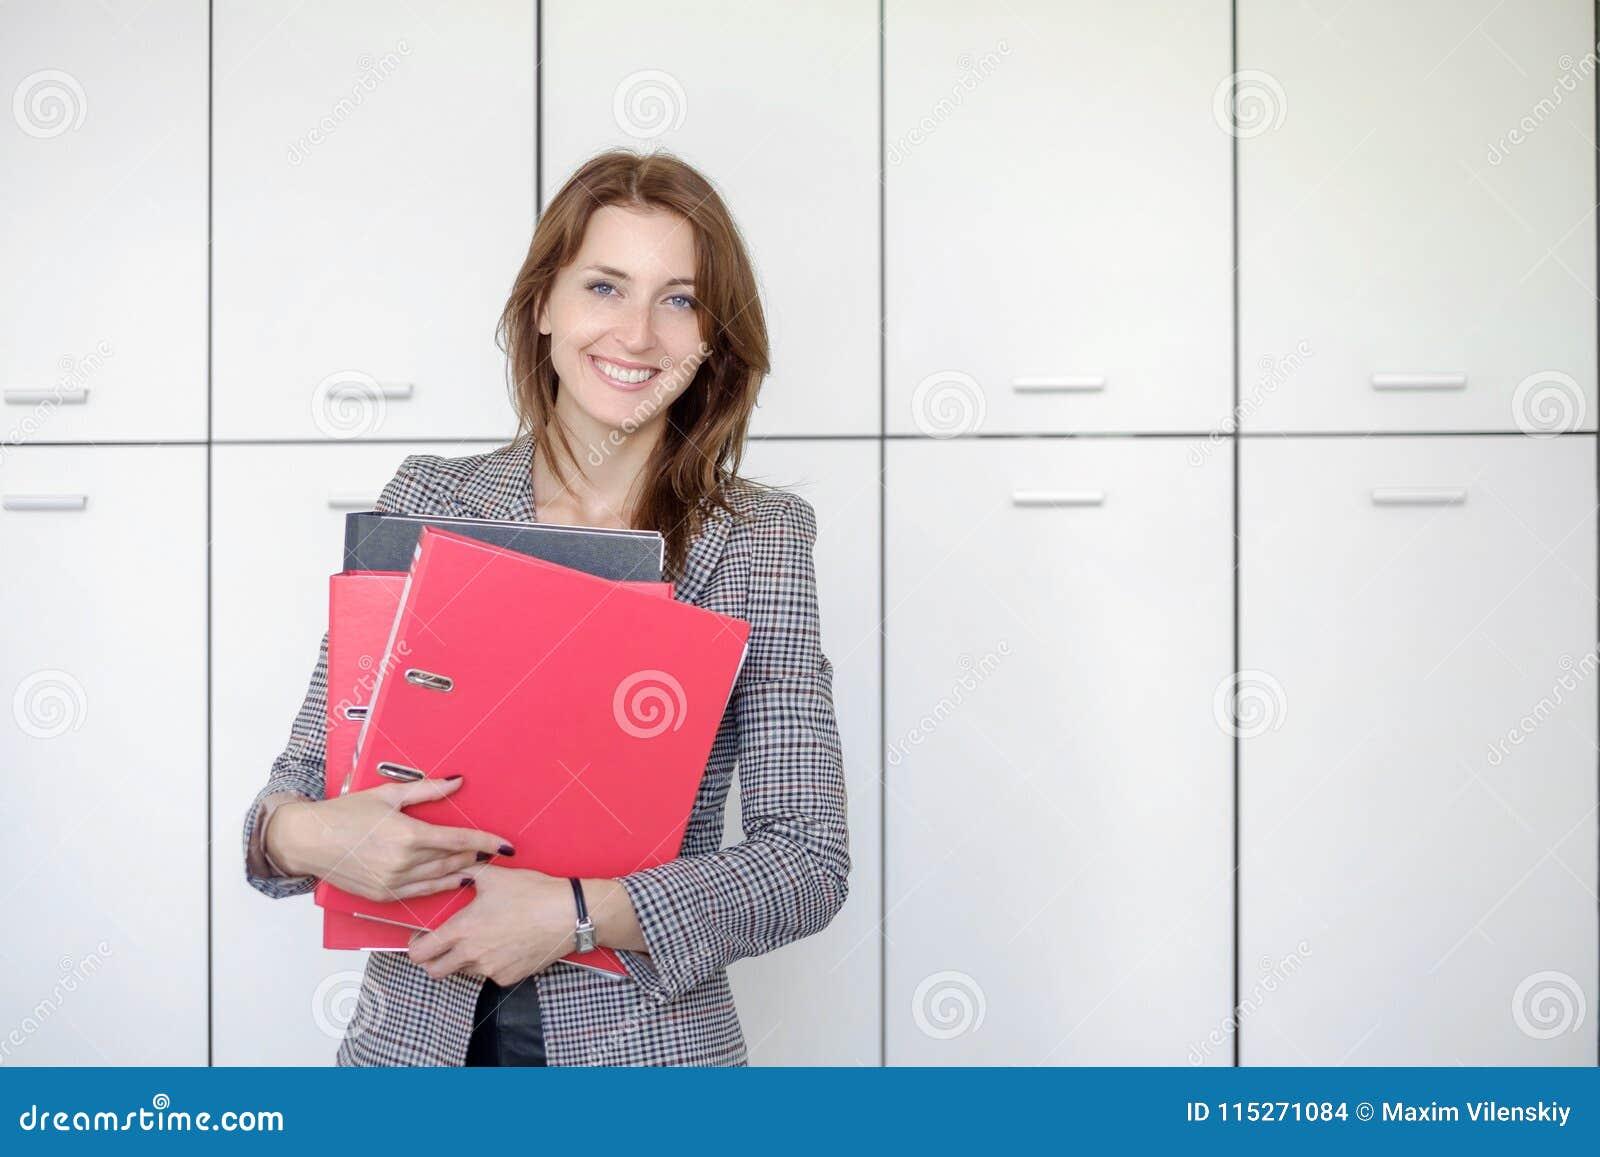 Schöne Geschäftsfrau steht mit einem roten Ordner in den Händen in einem Büro